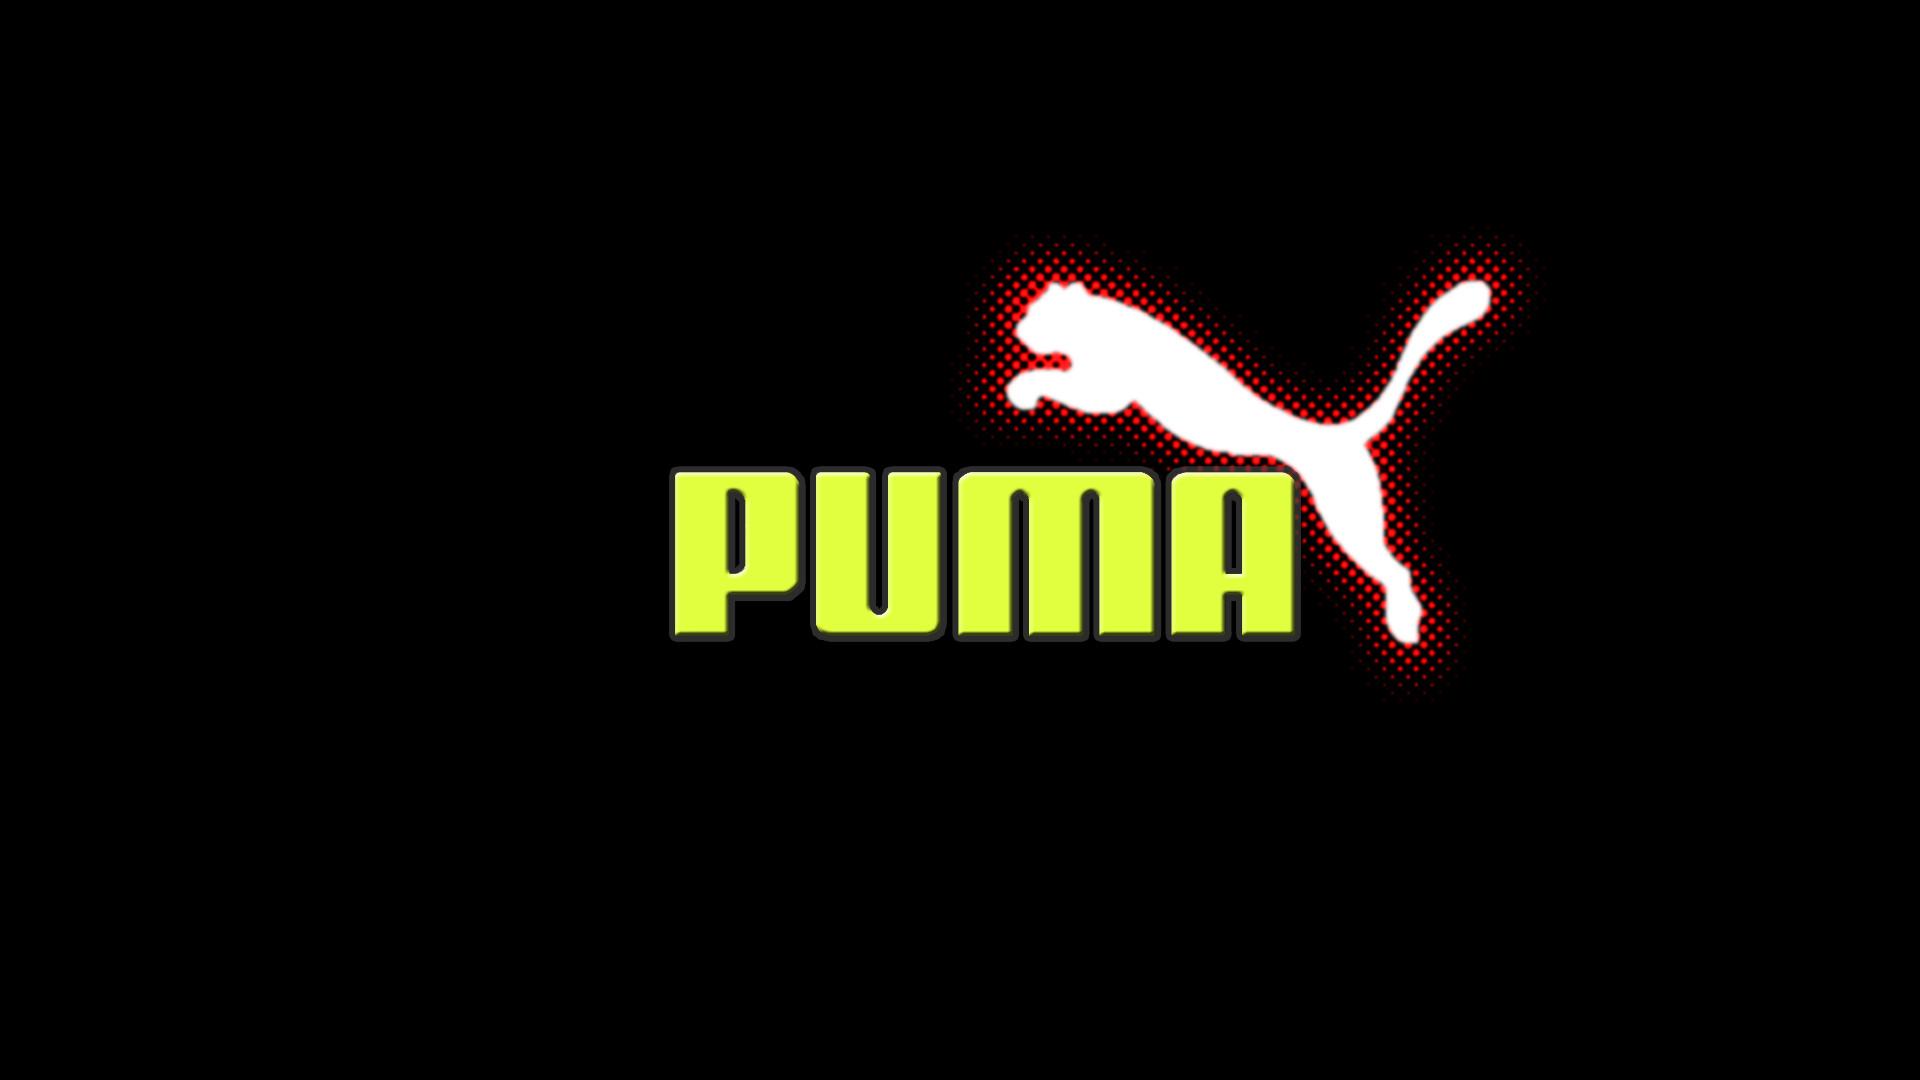 Puma Logo Wallpapers – Wallpaper Cave